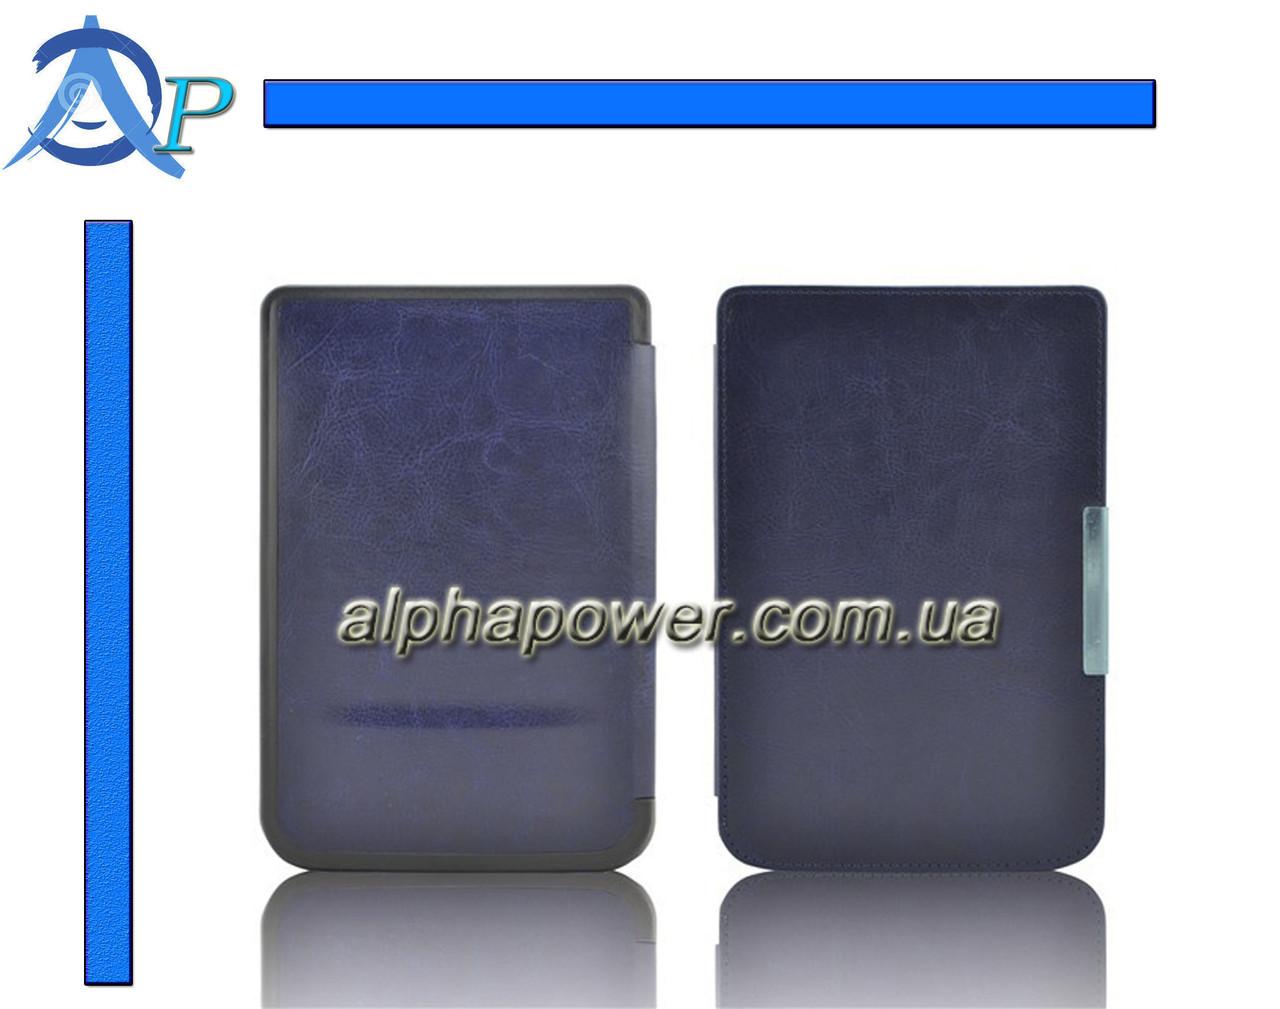 Обложка (чехол) для электронной книги PocketBook 640/641 Aqua 2 Синий